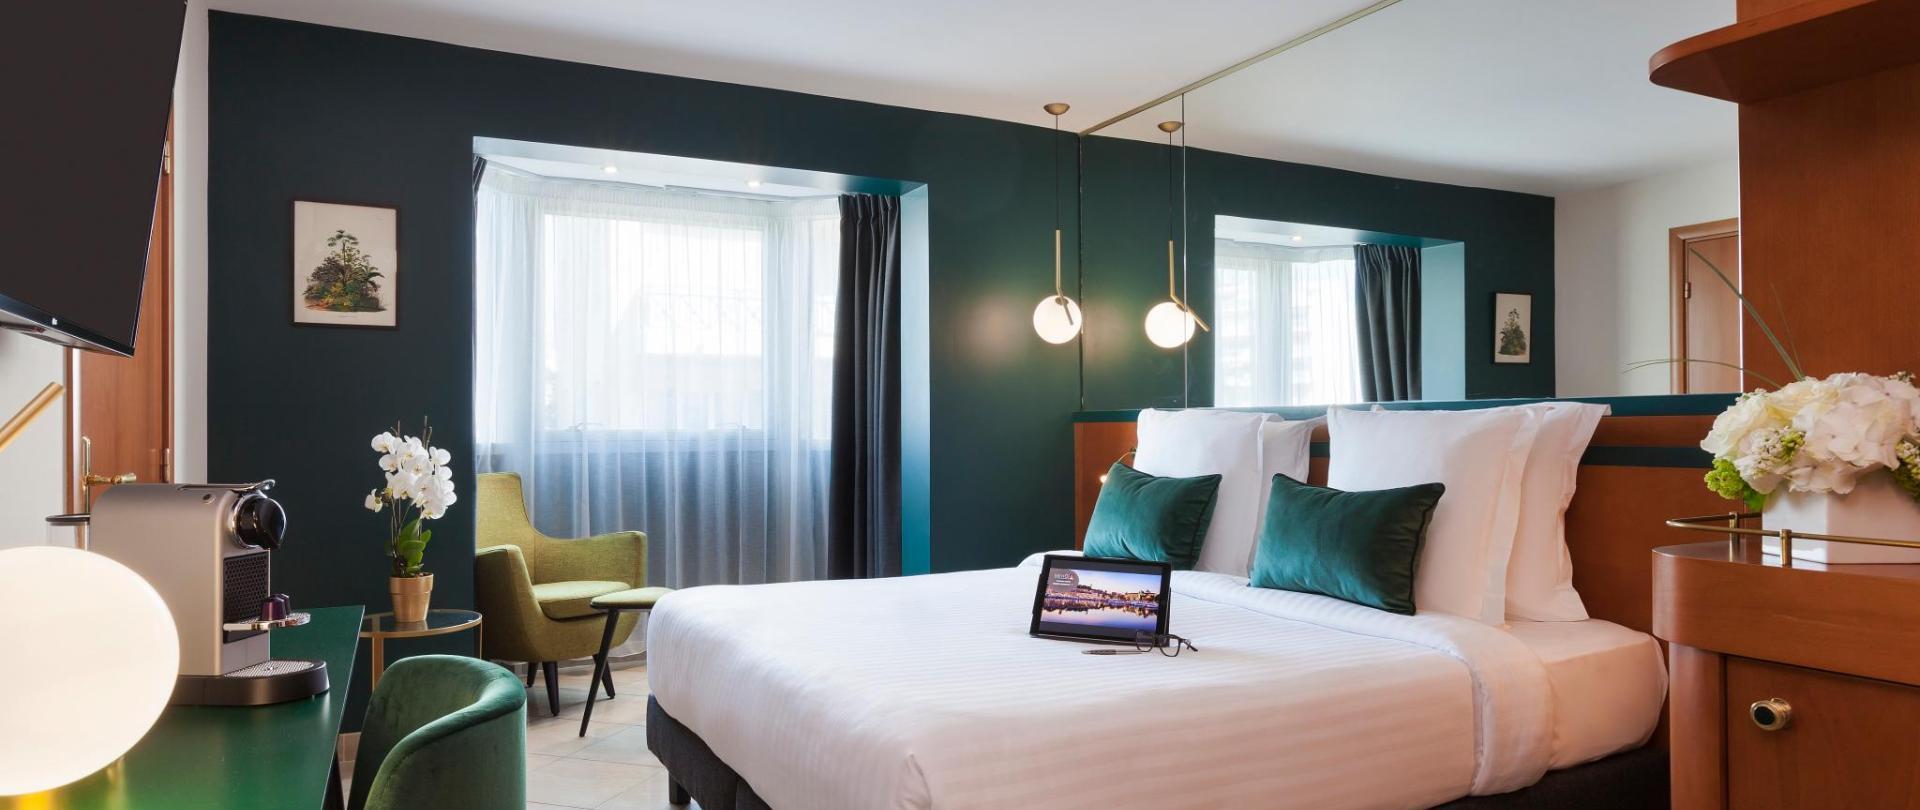 Chambre standard Clarion Suites Cannes Croisette